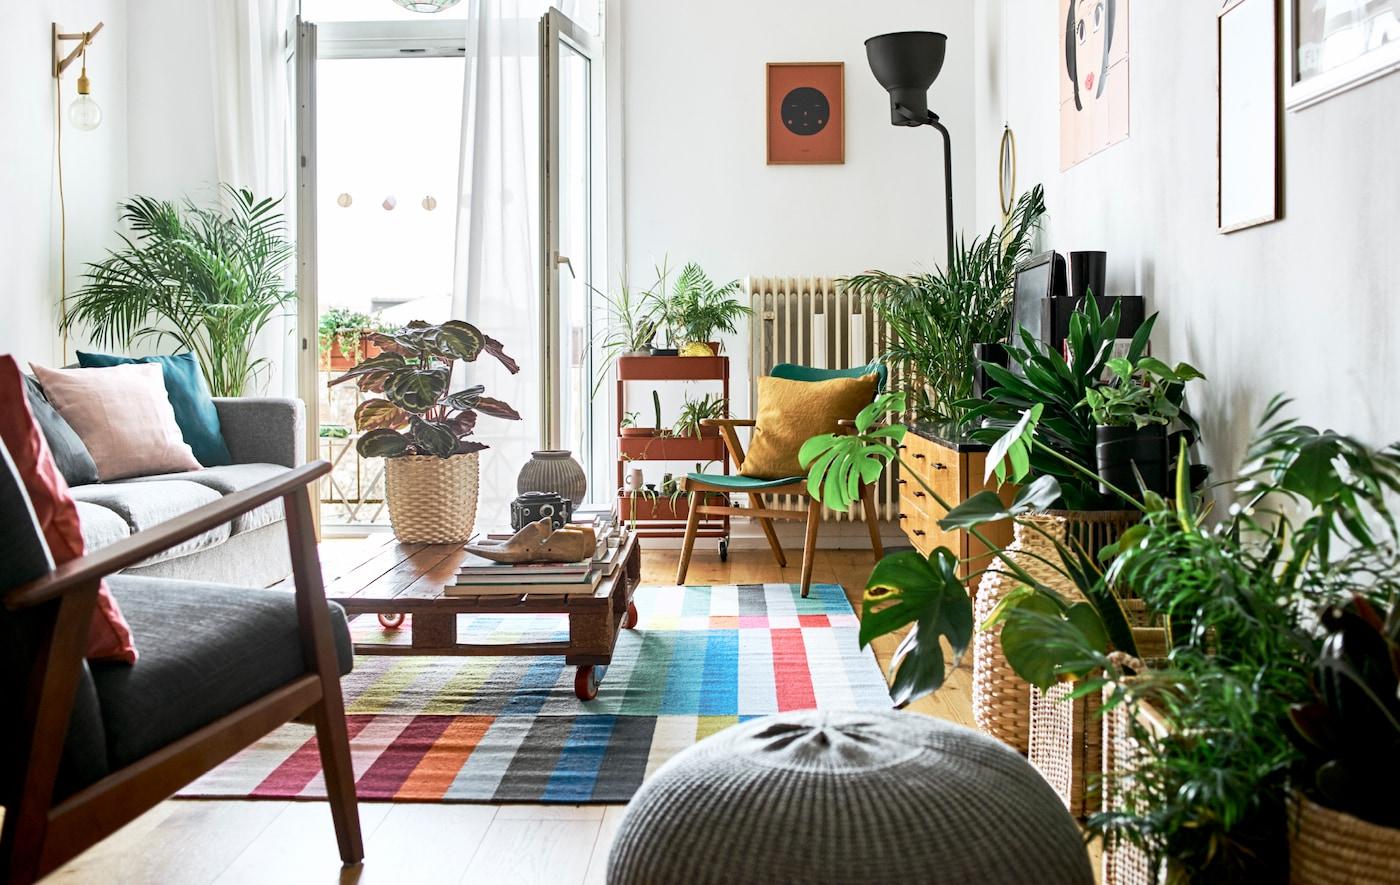 Vardagsrum med öppna franska balkongdörrar, en mix av olika sittmöbler, ett bord gjort av en lastpall samt en färgstark matta och krukväxter.